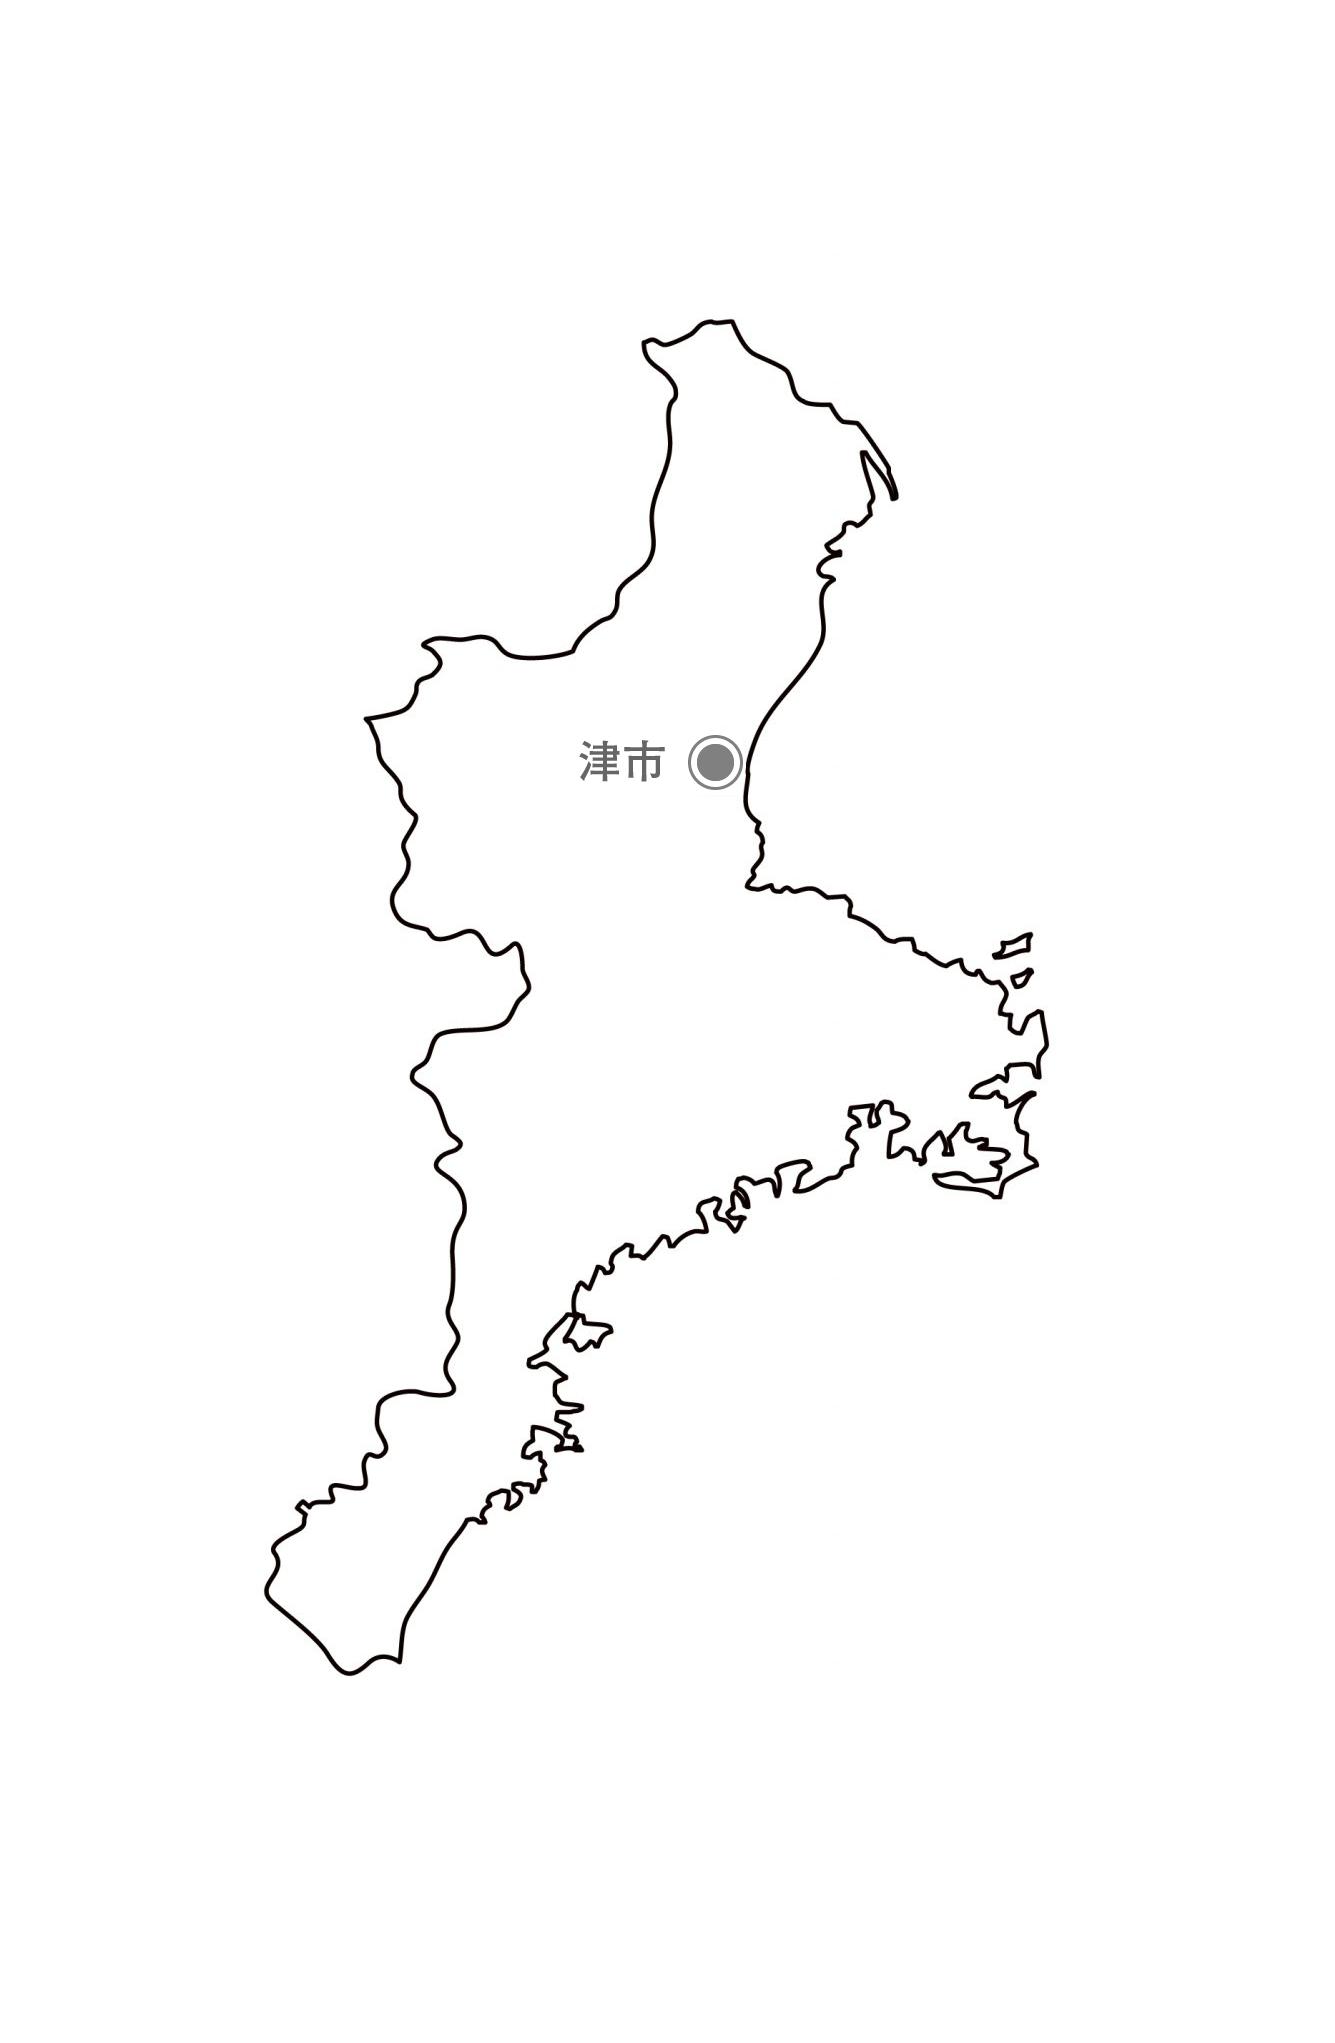 [白地図]三重県・都道府県名・県庁所在地あり